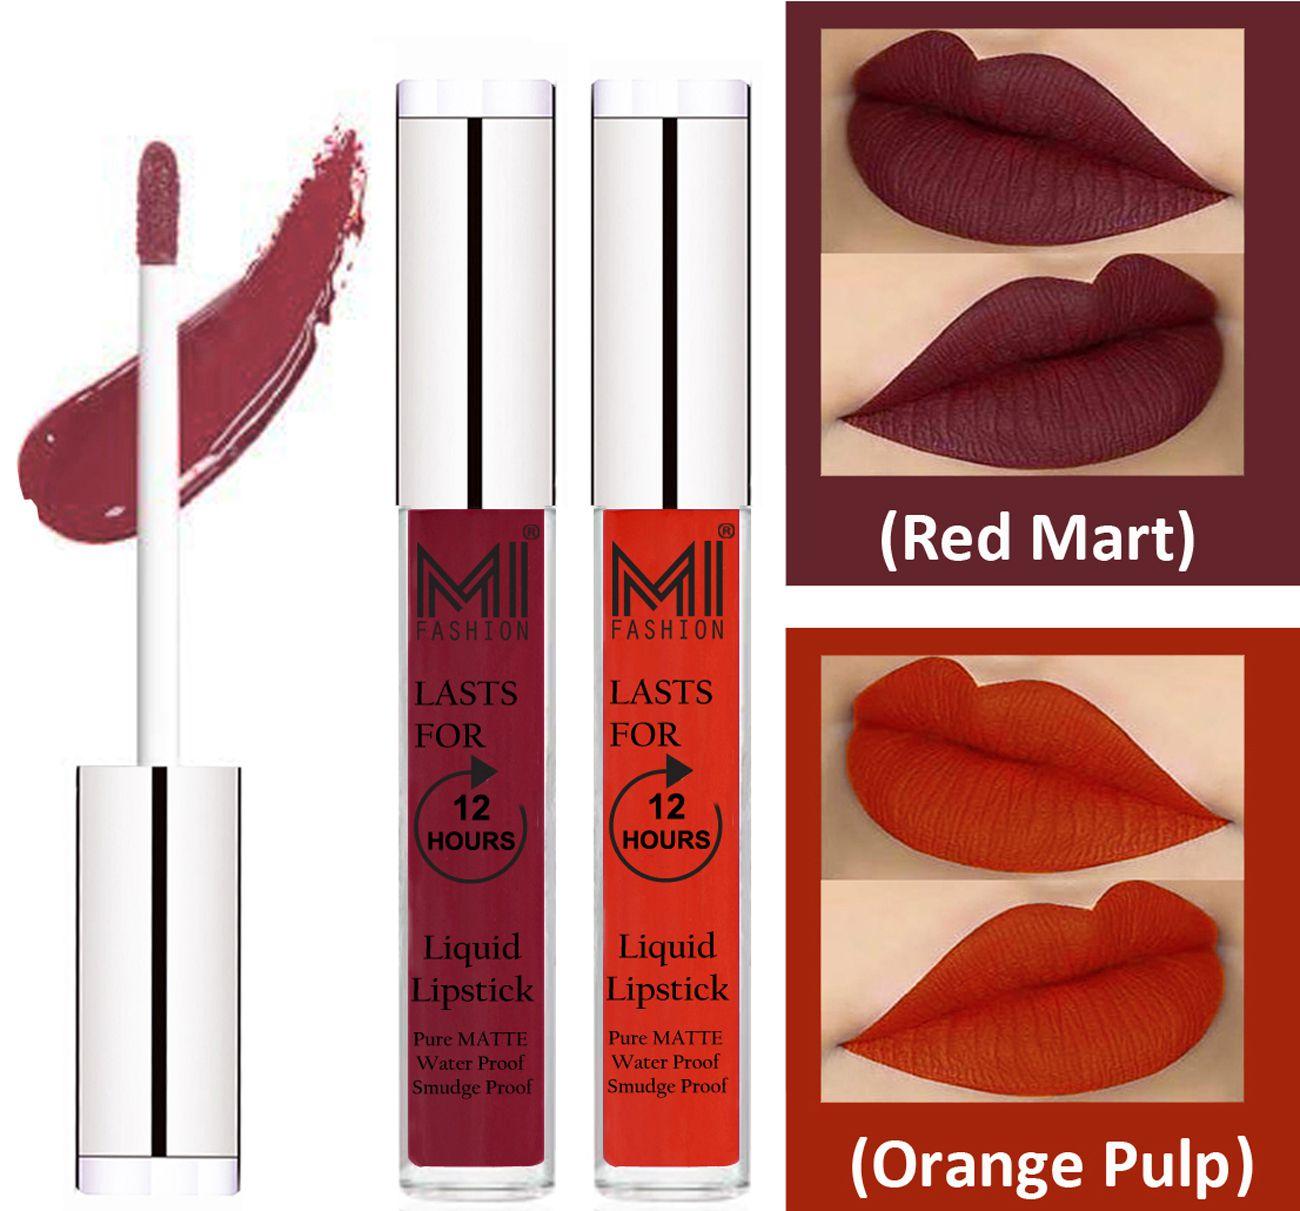 MI FASHION Liquid Lipstick Red Mart,Orange Pulp 3 ml Pack of 2